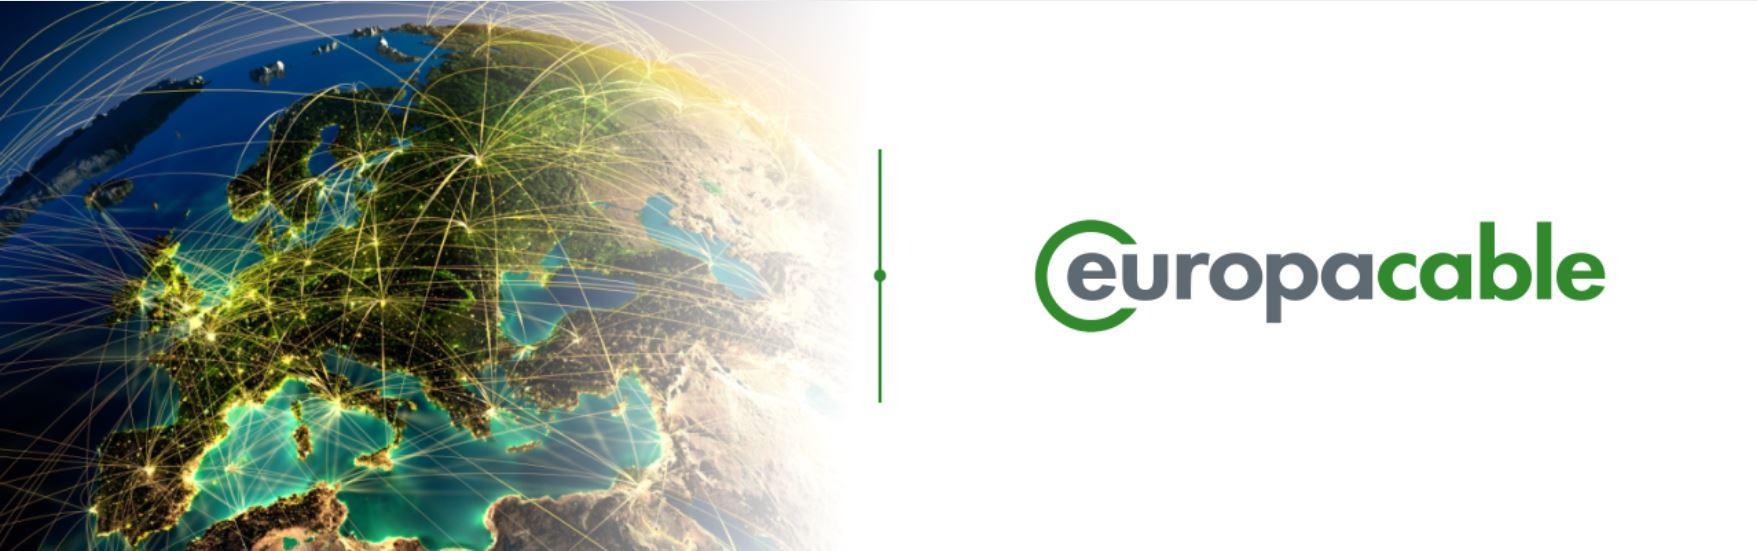 Prysmian az Europacable Energy Csoportjának vezetője